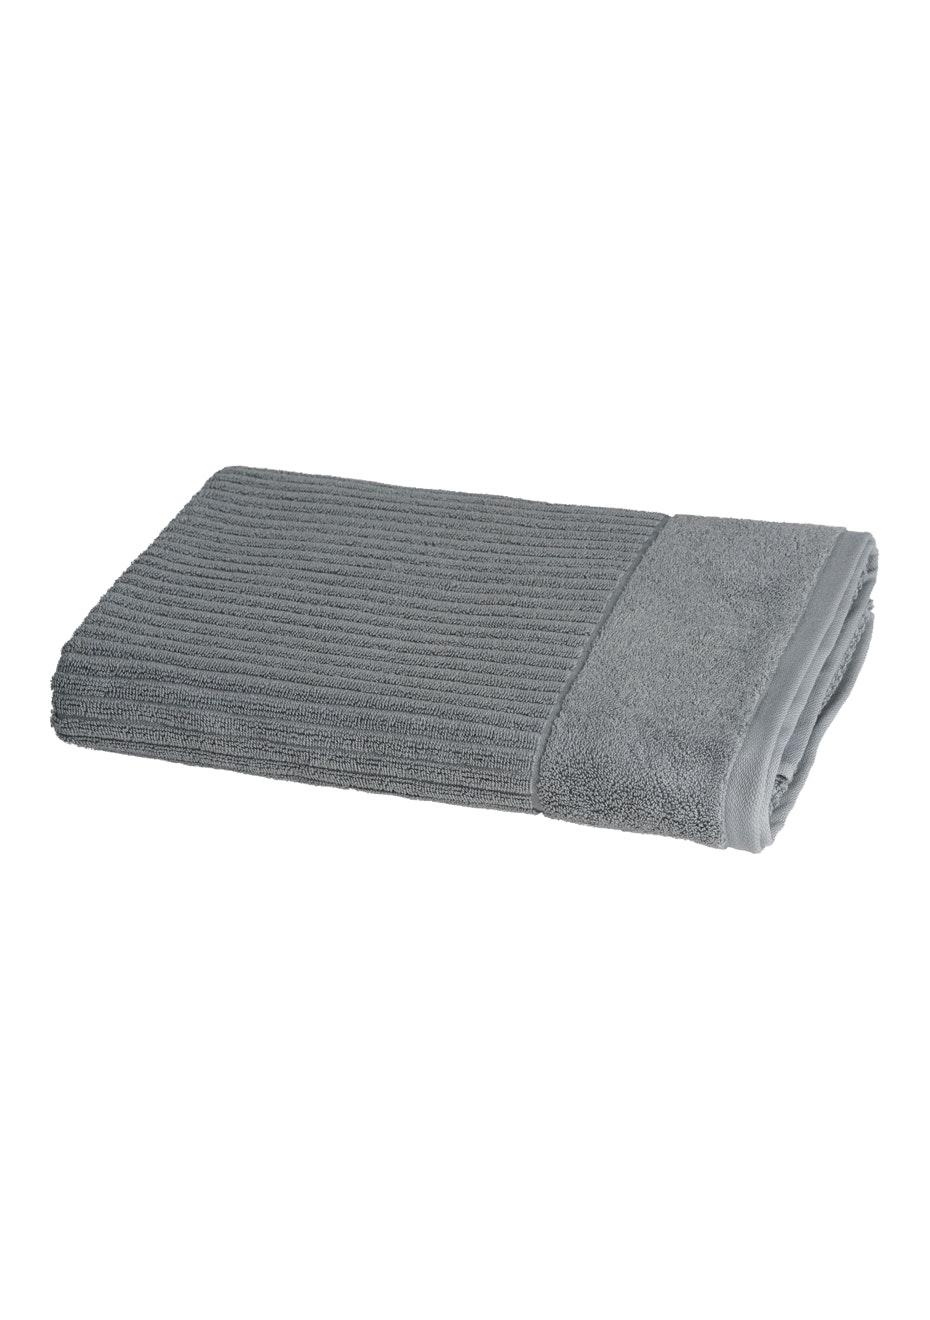 Conran Signature Rib Bath Sheet Concrete